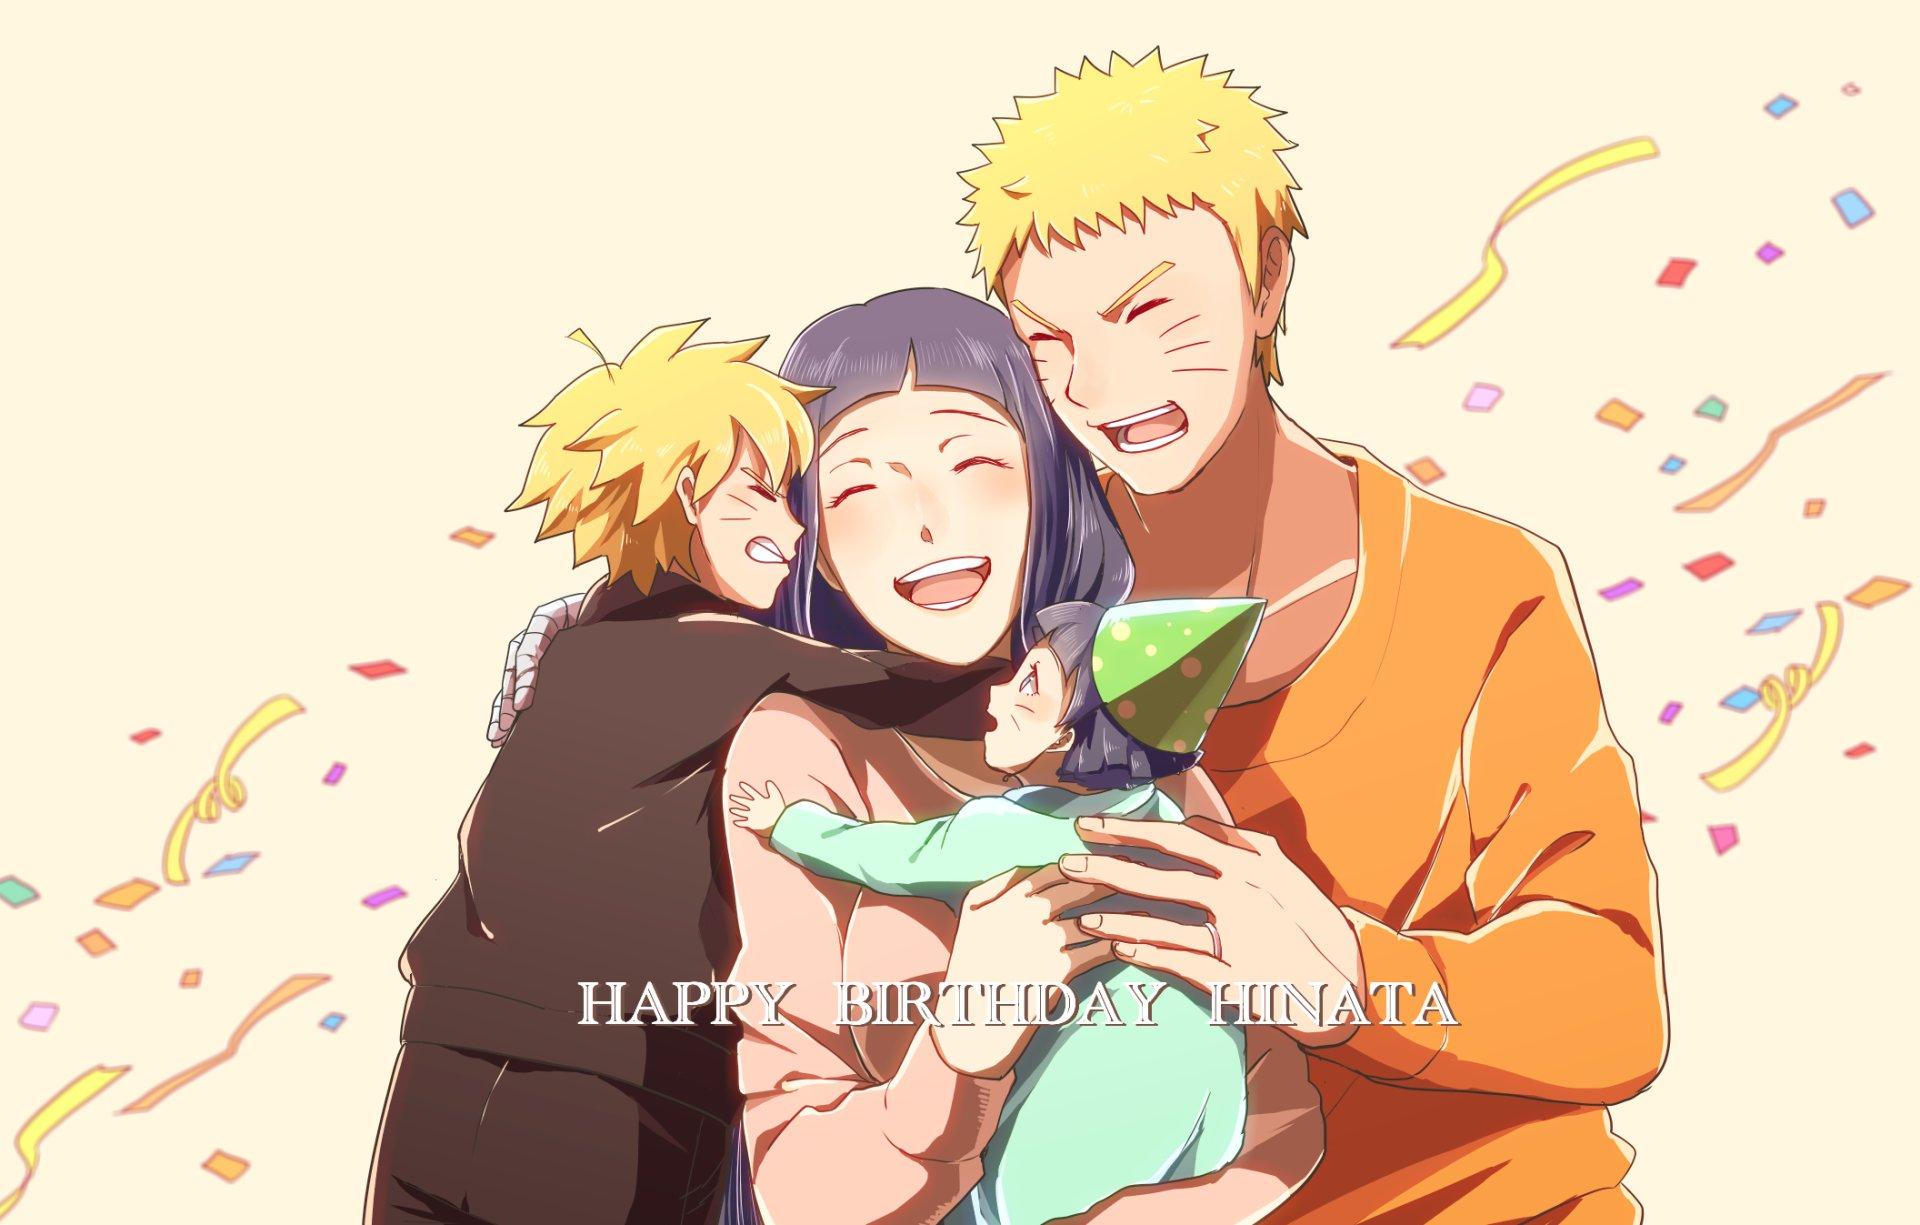 Anime - Boruto: Naruto the Movie  Boruto Uzumaki Himawari Uzumaki Hinata Hyūga Naruto Uzumaki Naruto Wallpaper